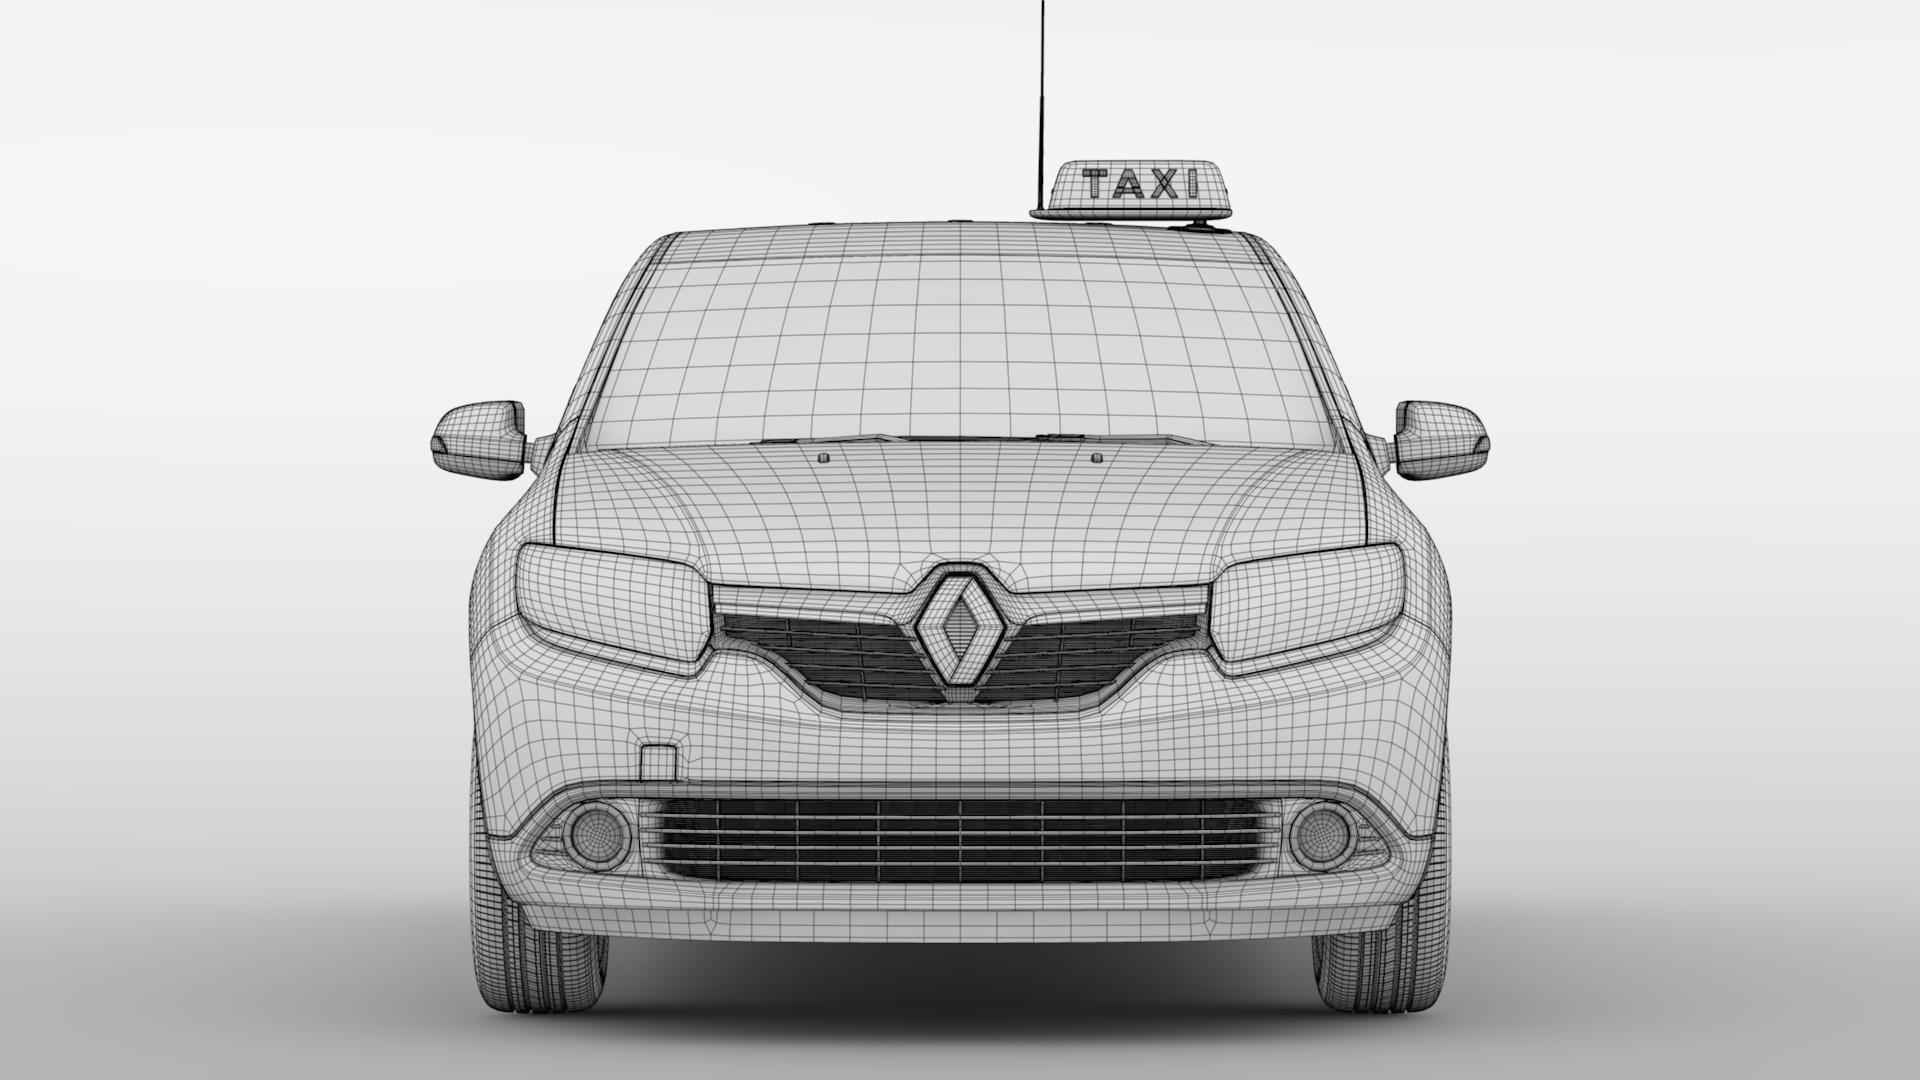 renault logan mcv taxi 2016 3d model 3ds max fbx c4d lwo ma mb hrc xsi obj 221298